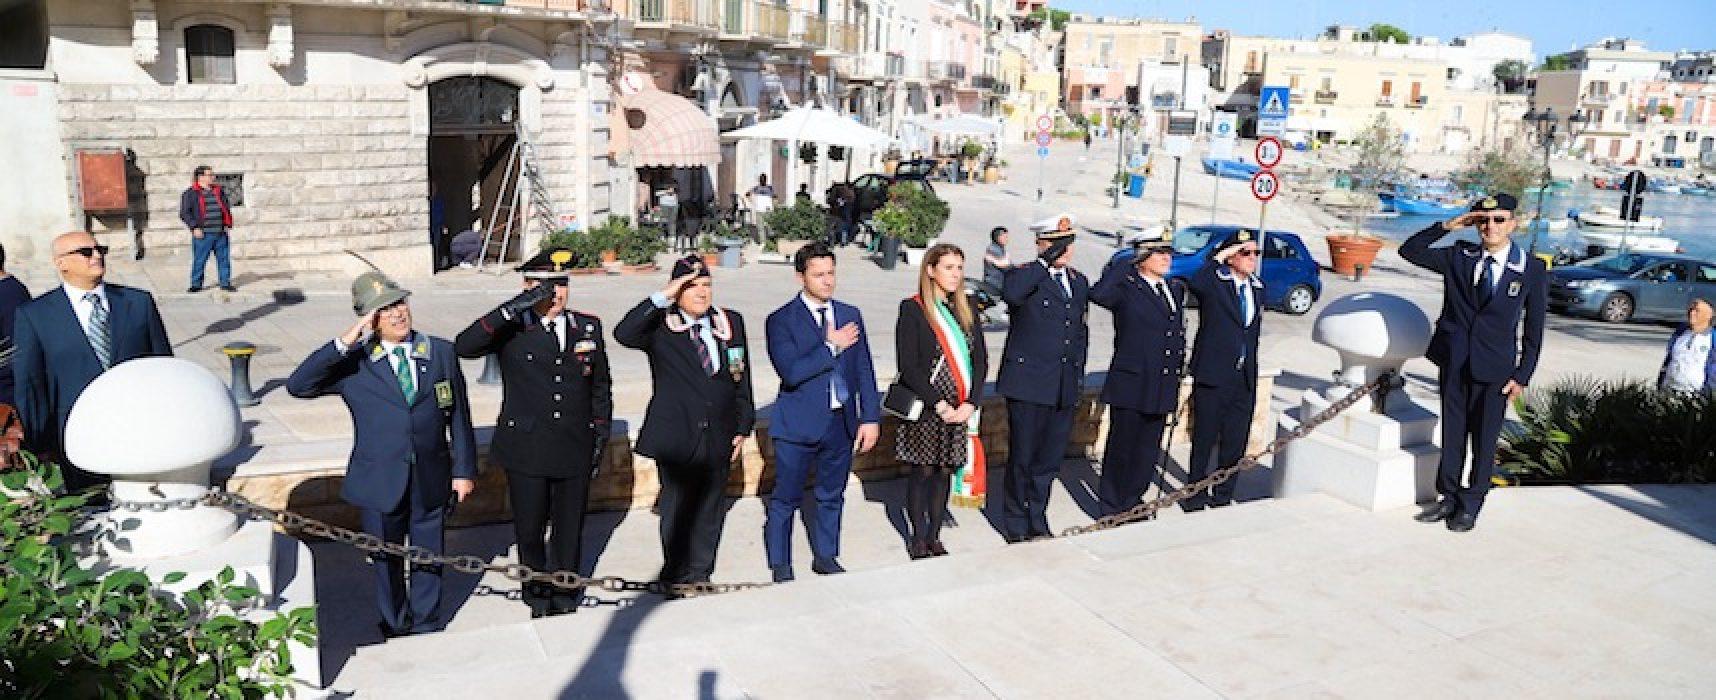 Bisceglie celebra la giornata dell'Unità Nazionale e delle Forze Armate / FOTO